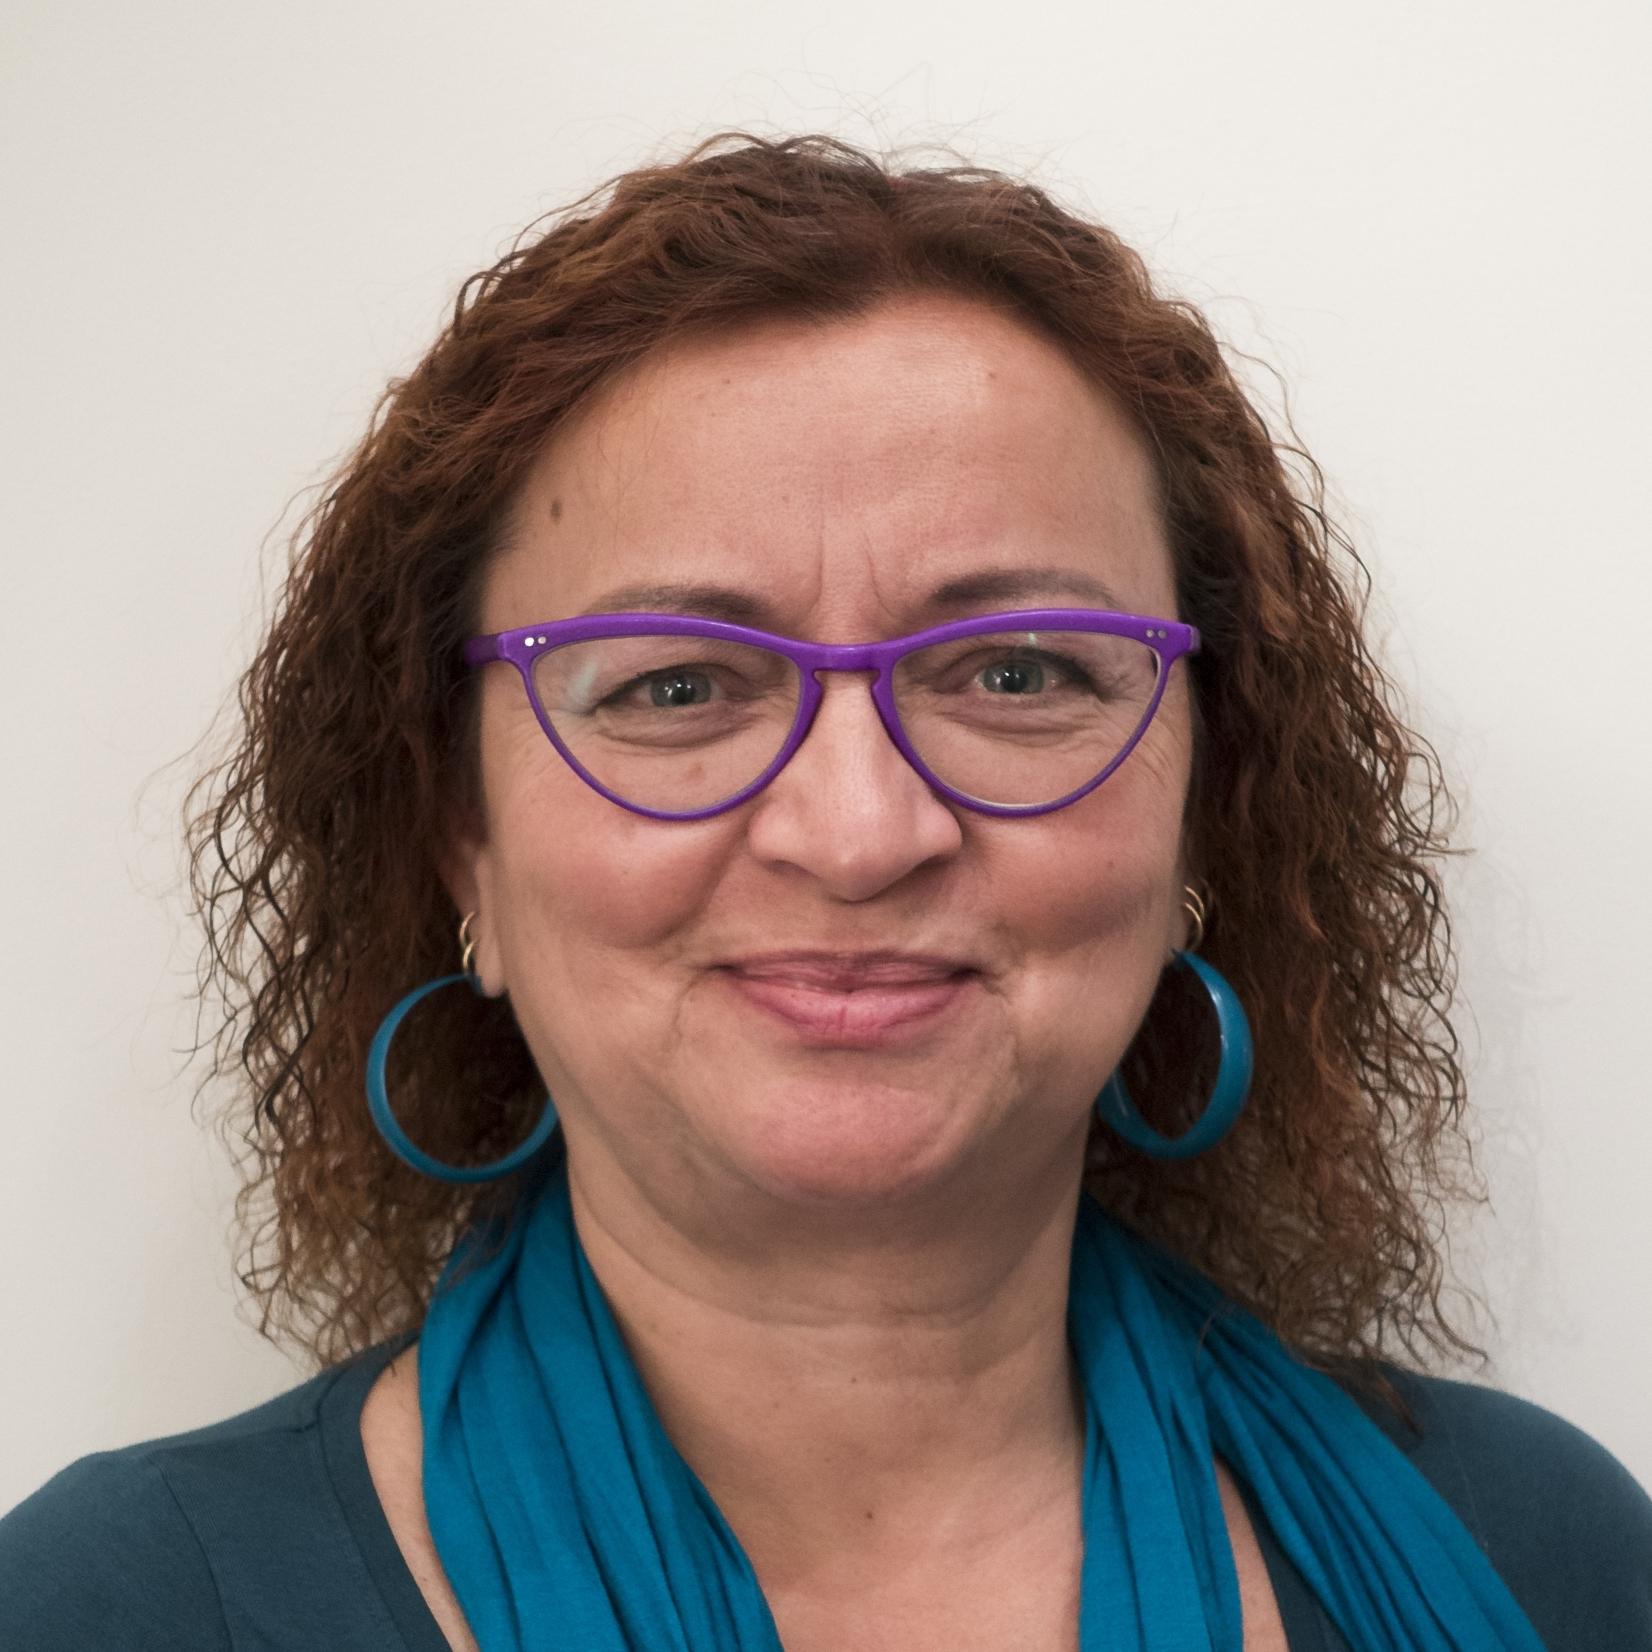 Linda Pelt